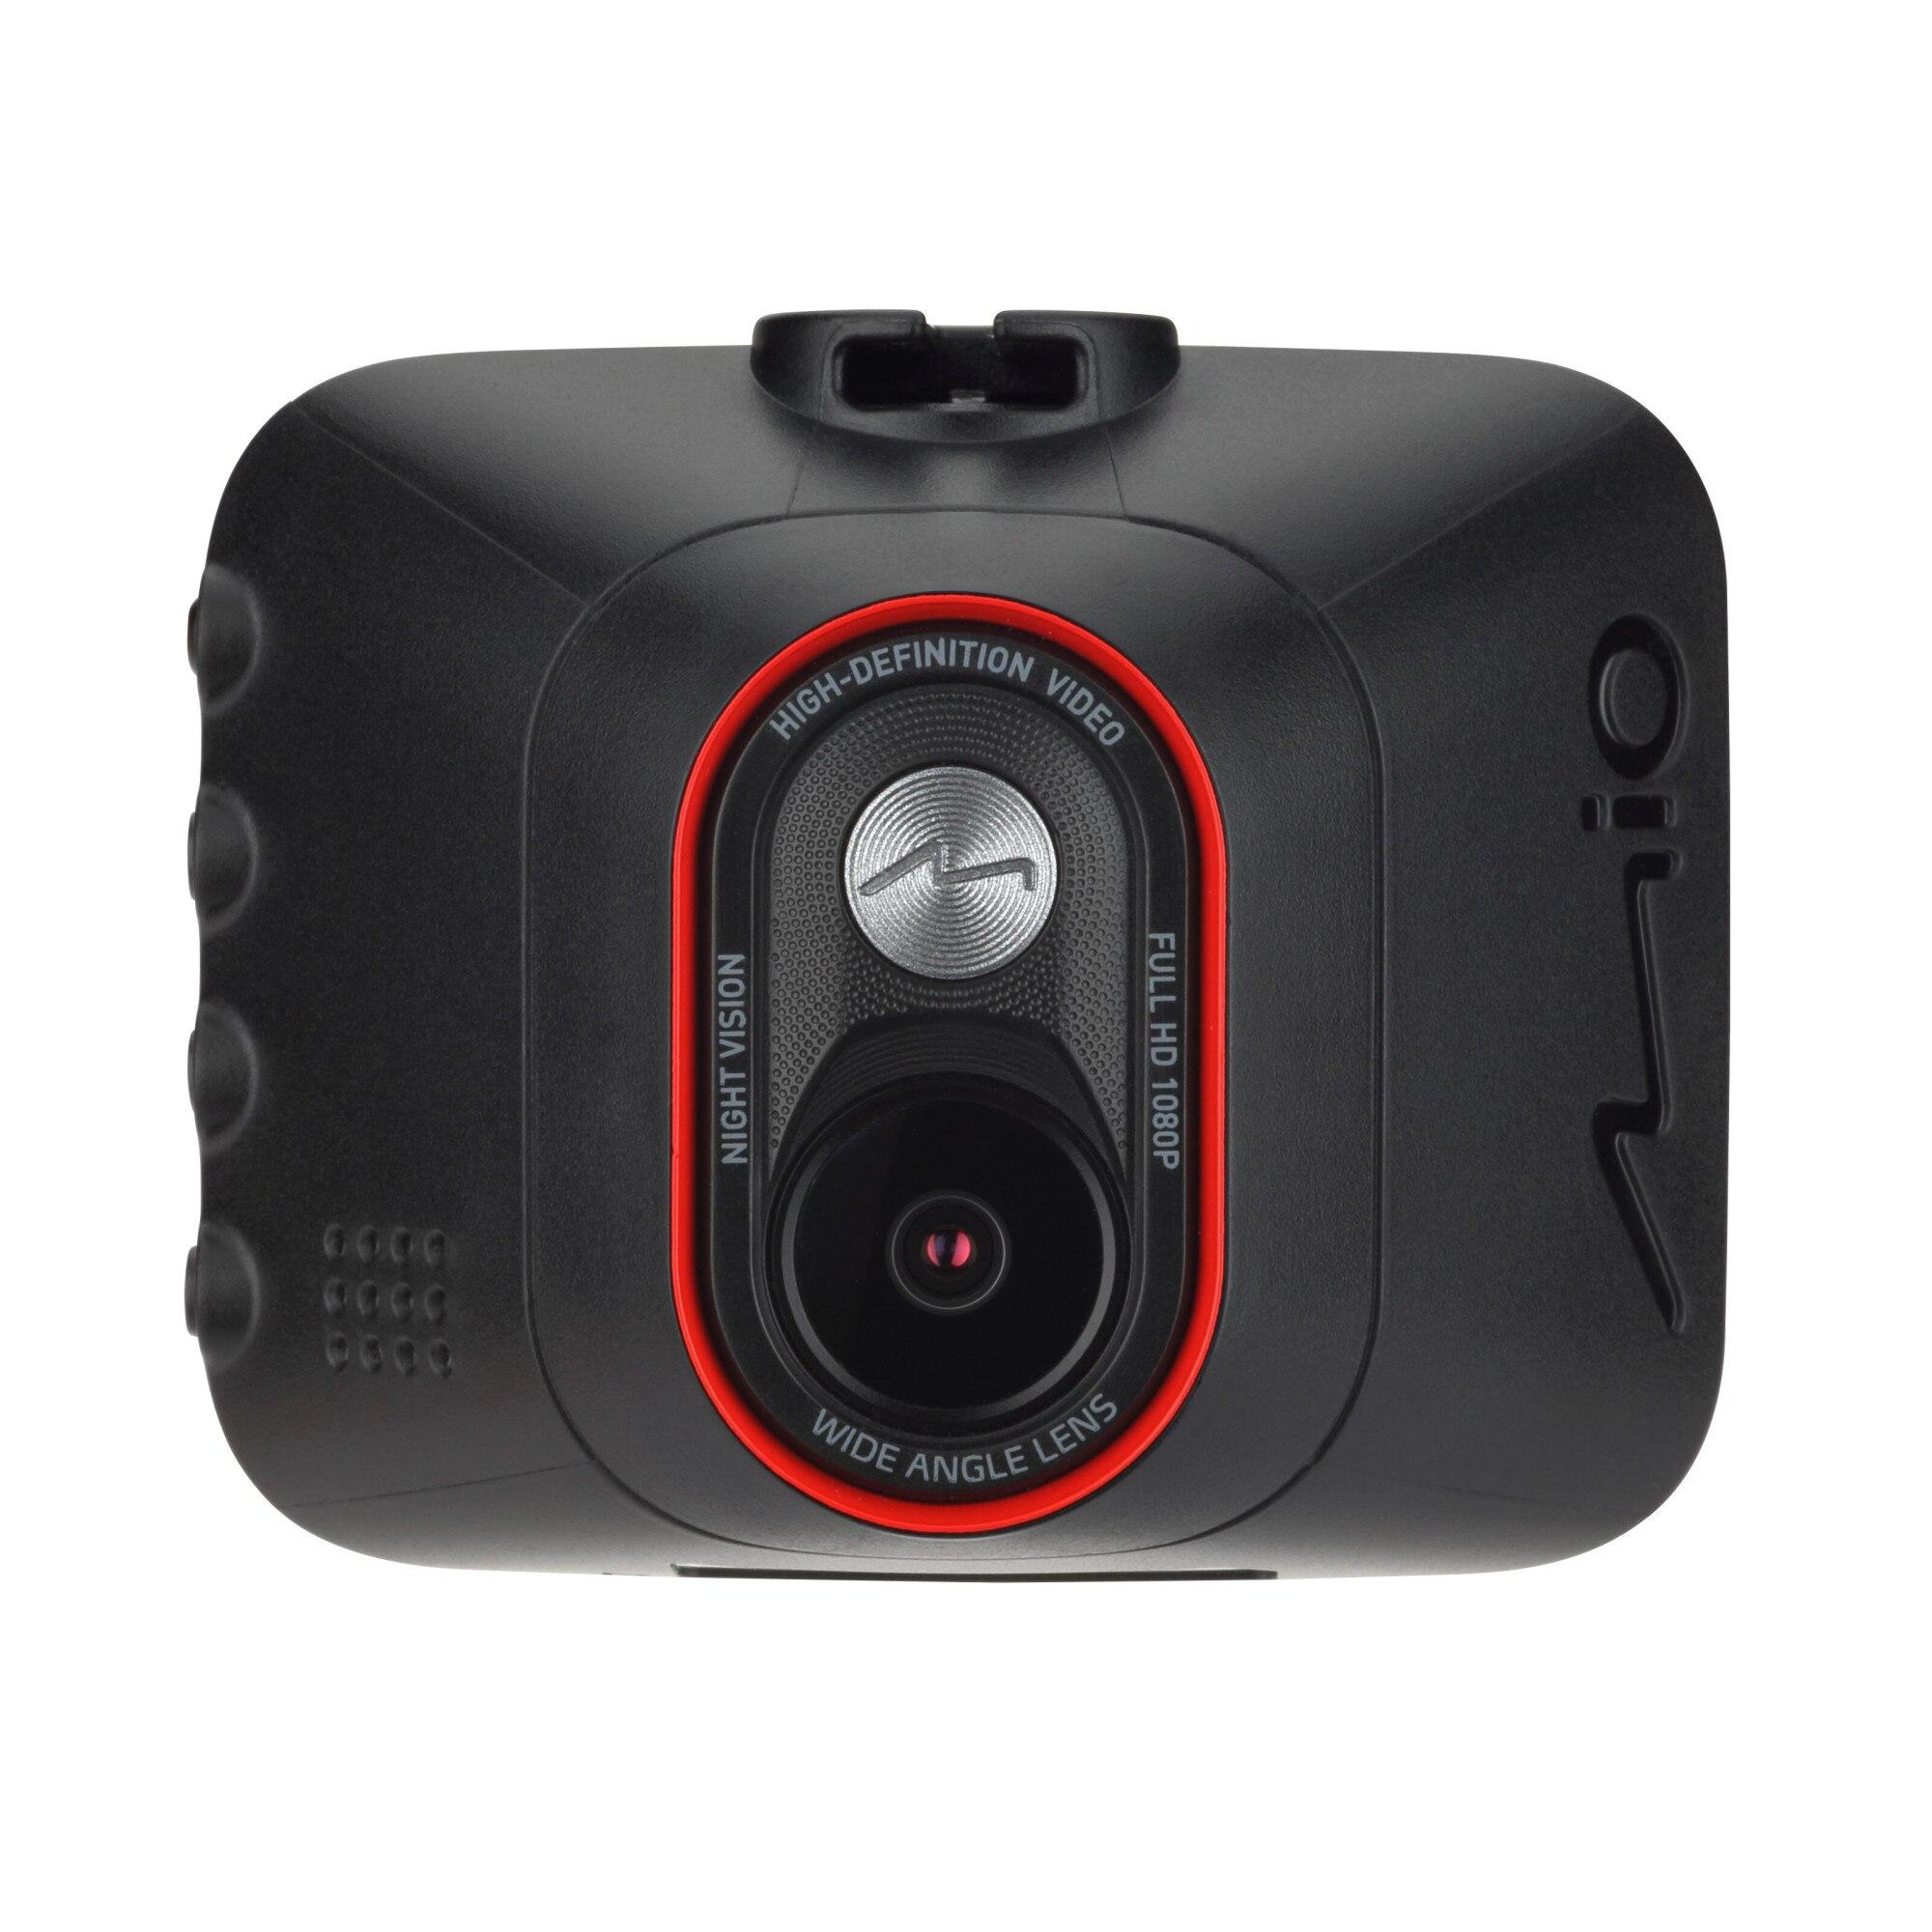 """Fotografie Camera auto DVR Mio MiVueC312, Full HD, ecran de 2"""", unghi de 130 grade, senzor G cu 3 axe, negru"""